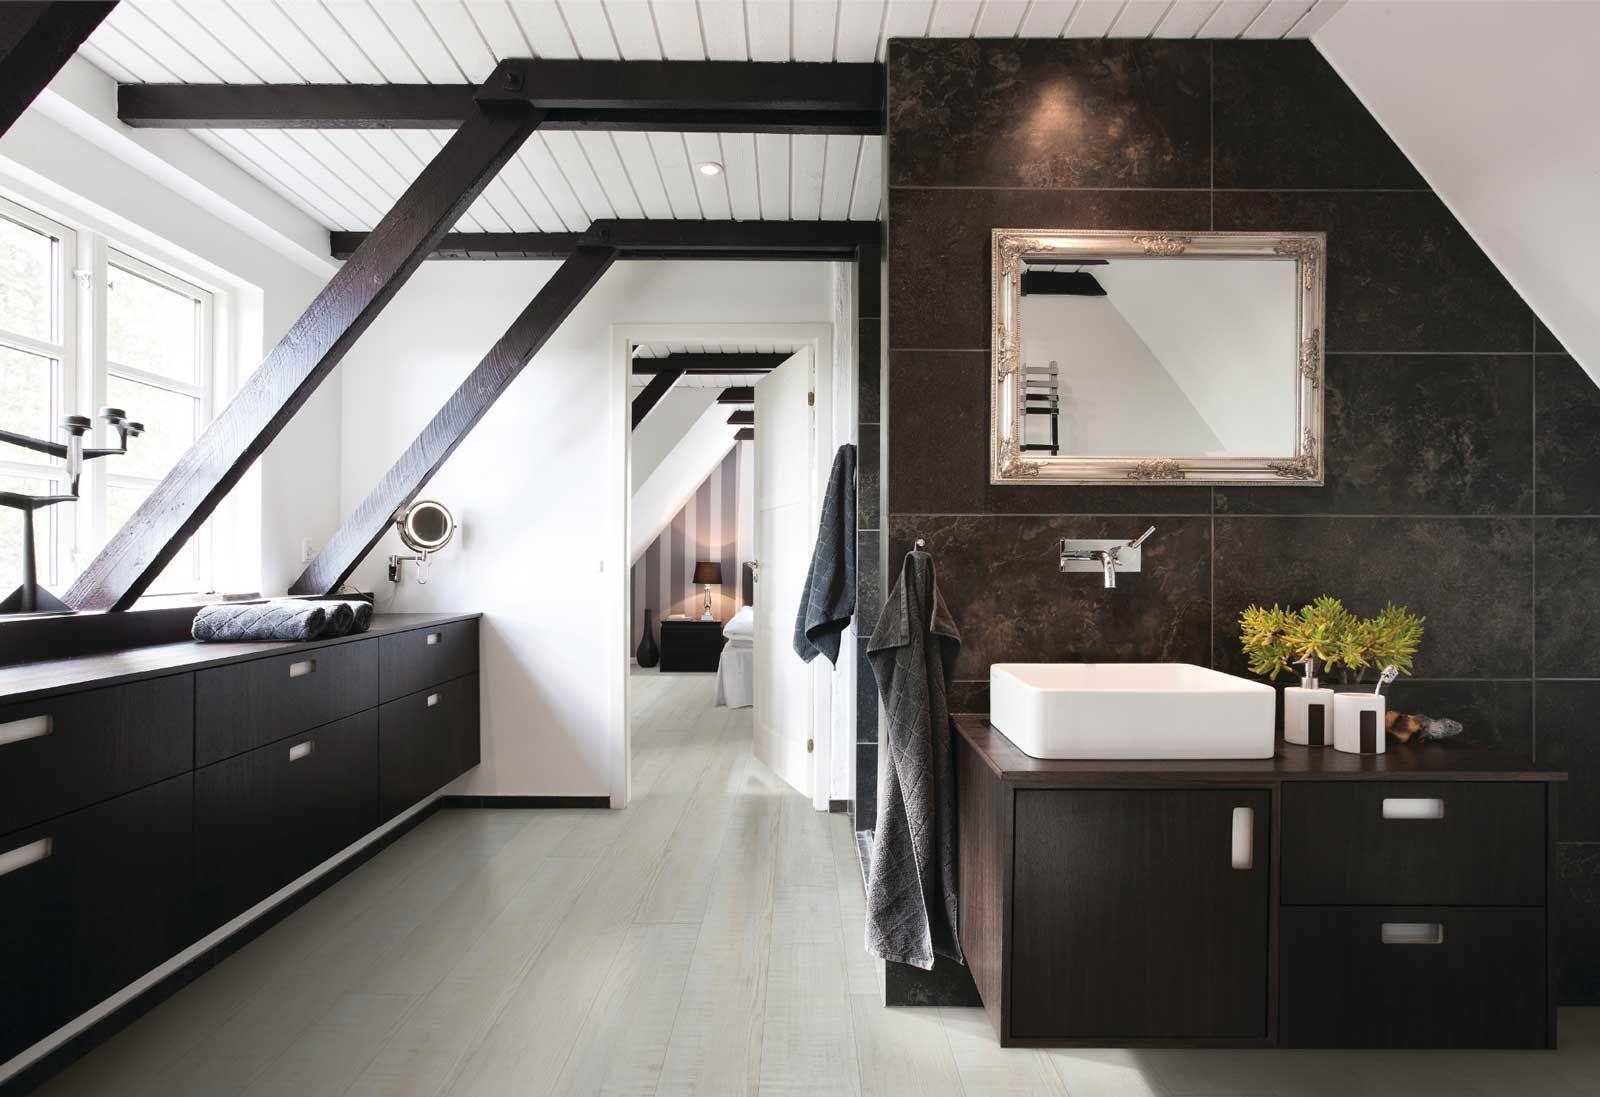 lame vinyle clipsable hybride imitation bois coretec xl 50lvp603 pin montagnard bricoflor. Black Bedroom Furniture Sets. Home Design Ideas